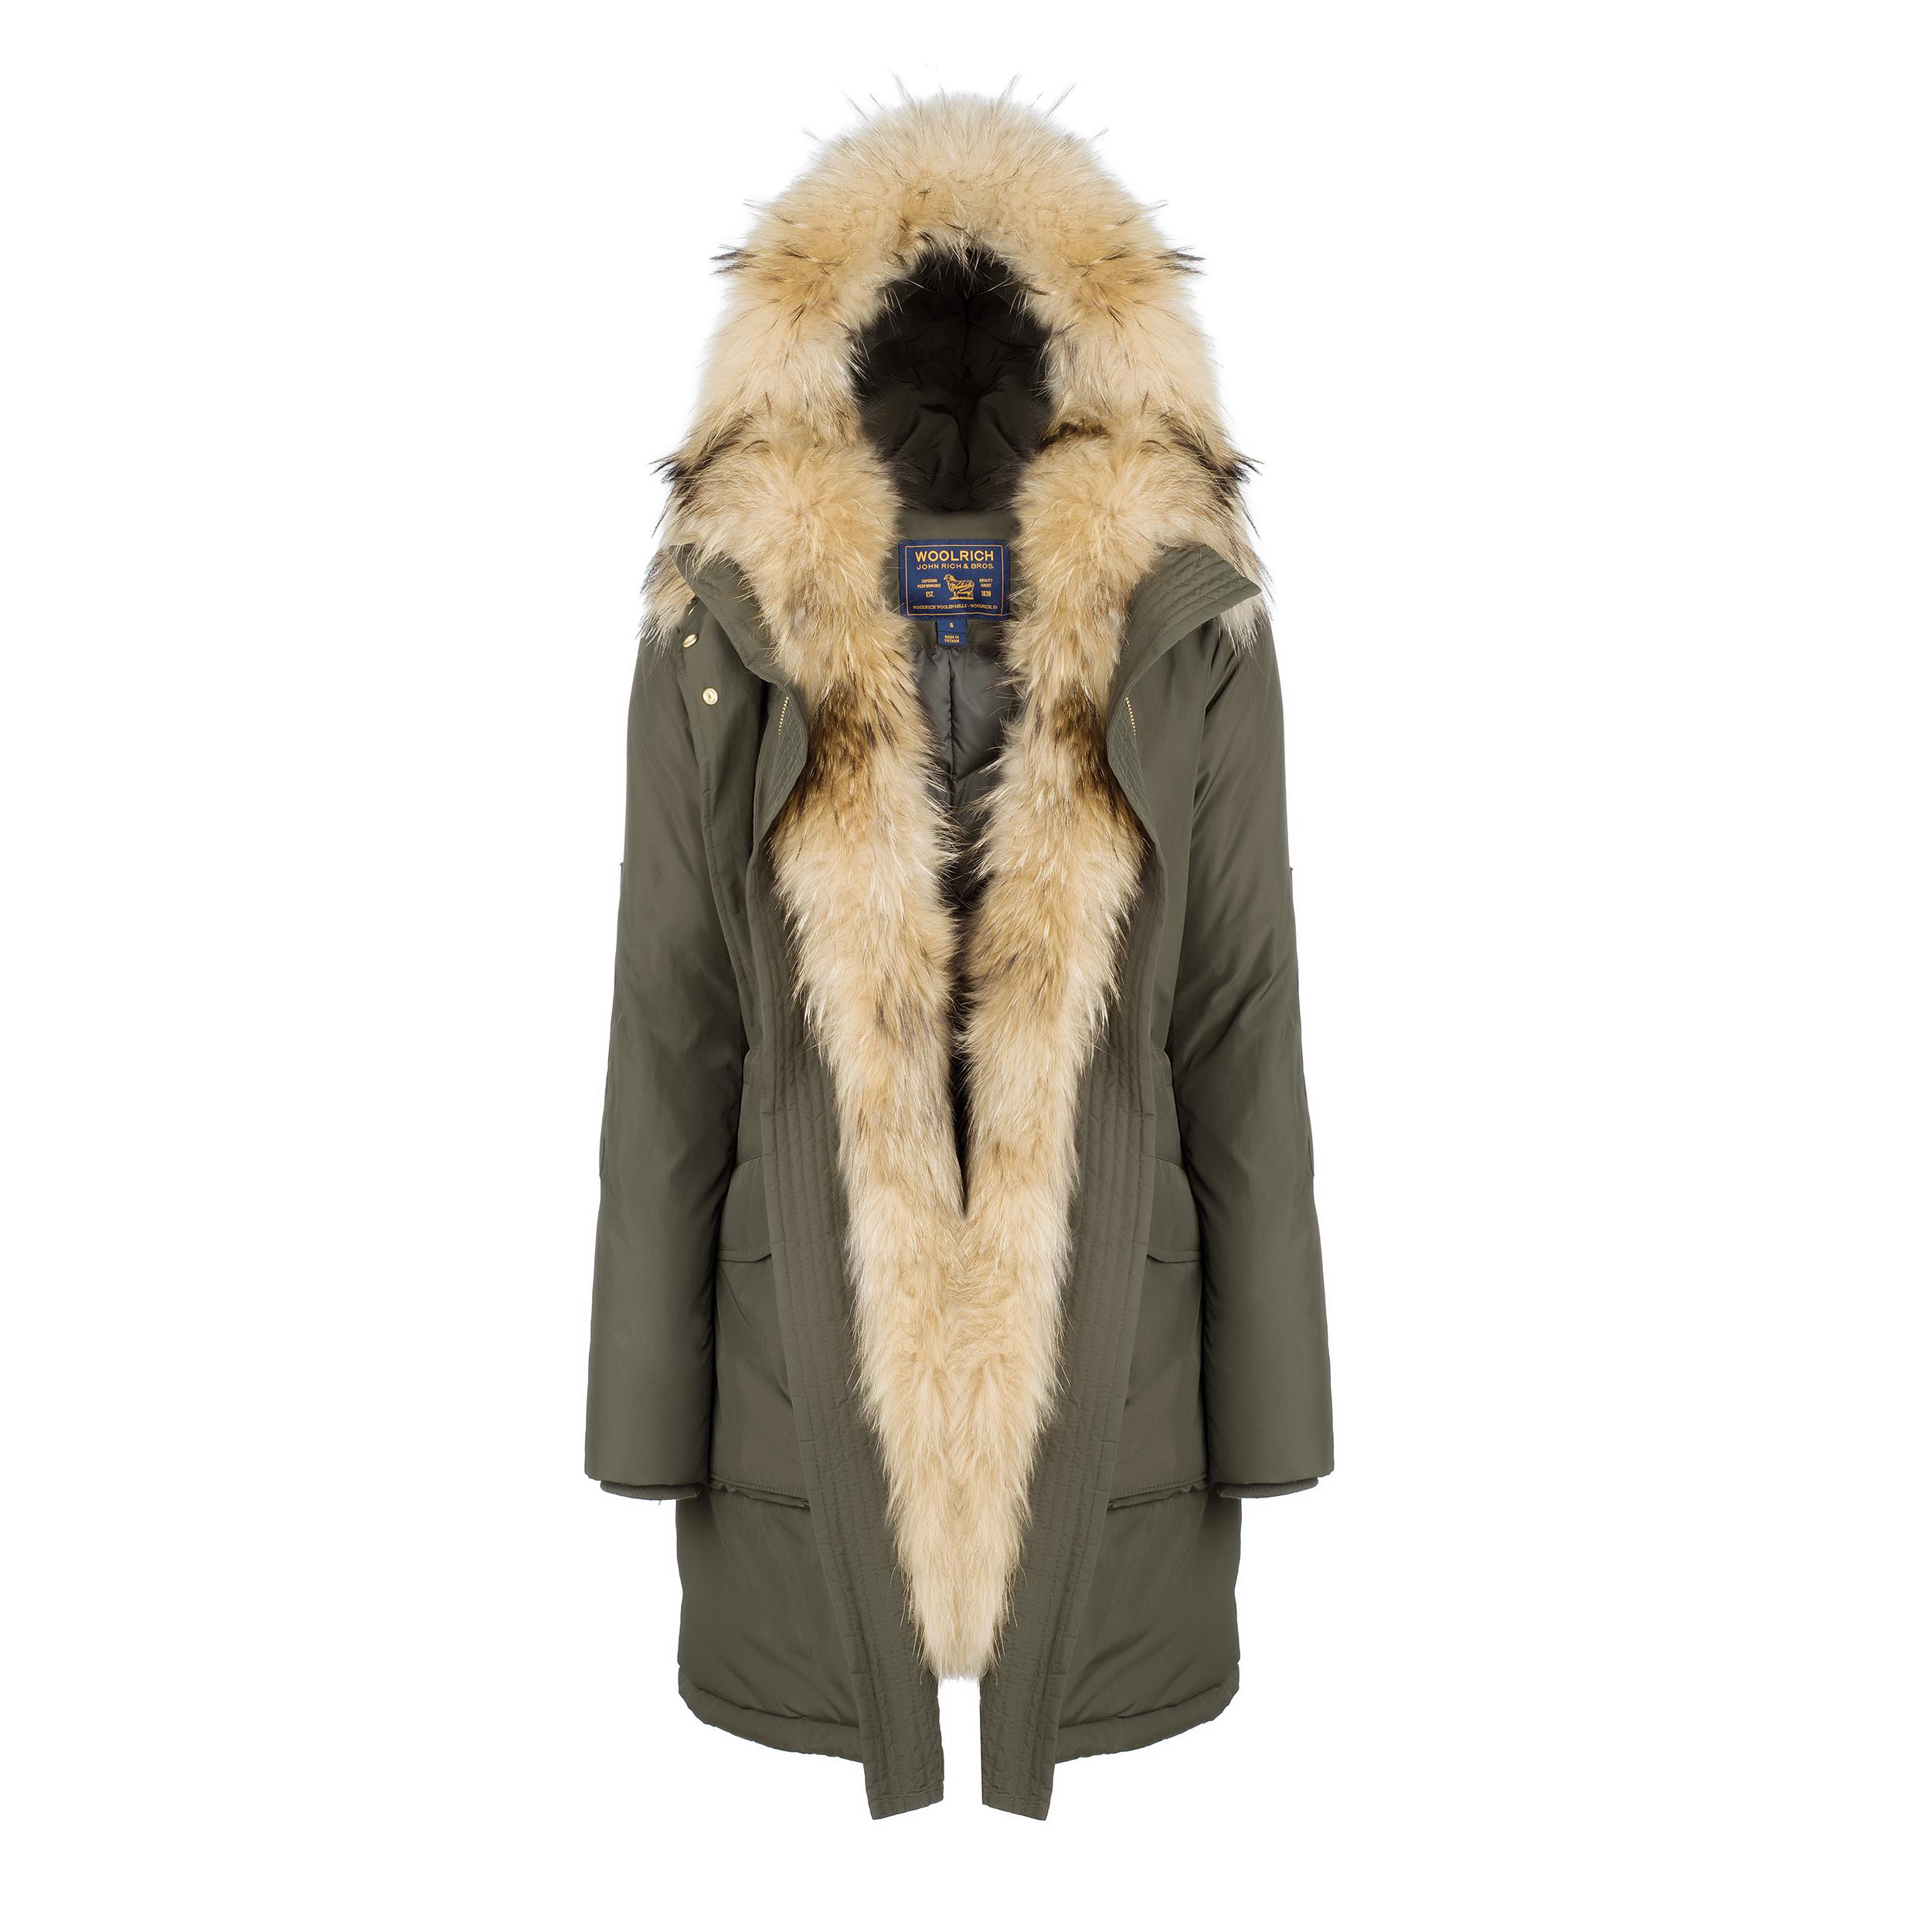 woolrich per lei un grande classico che si rinnova ogni inverno fashion times. Black Bedroom Furniture Sets. Home Design Ideas